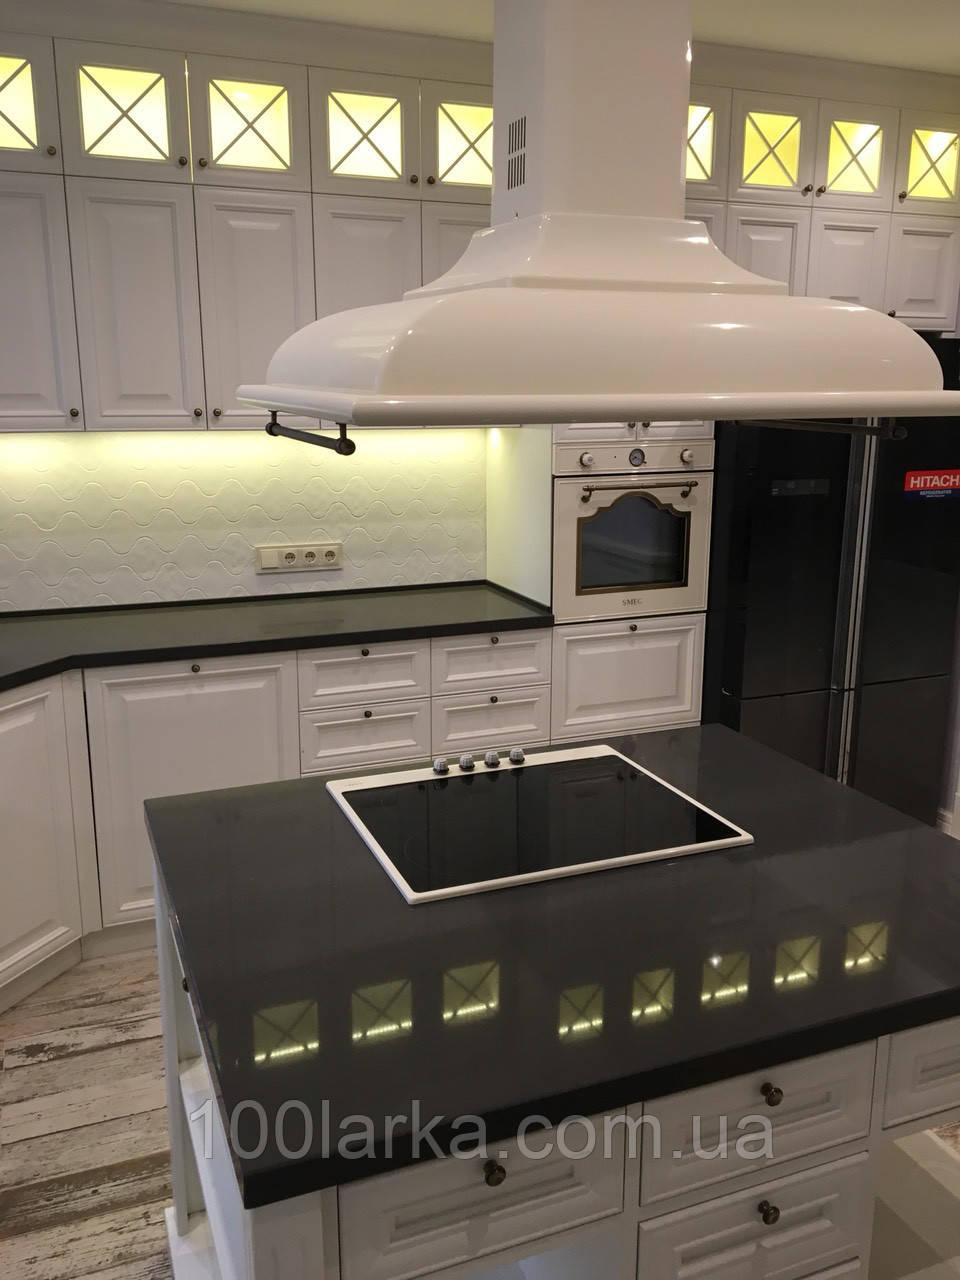 Кухня из дерева с кухонным островом. Цвет белый.